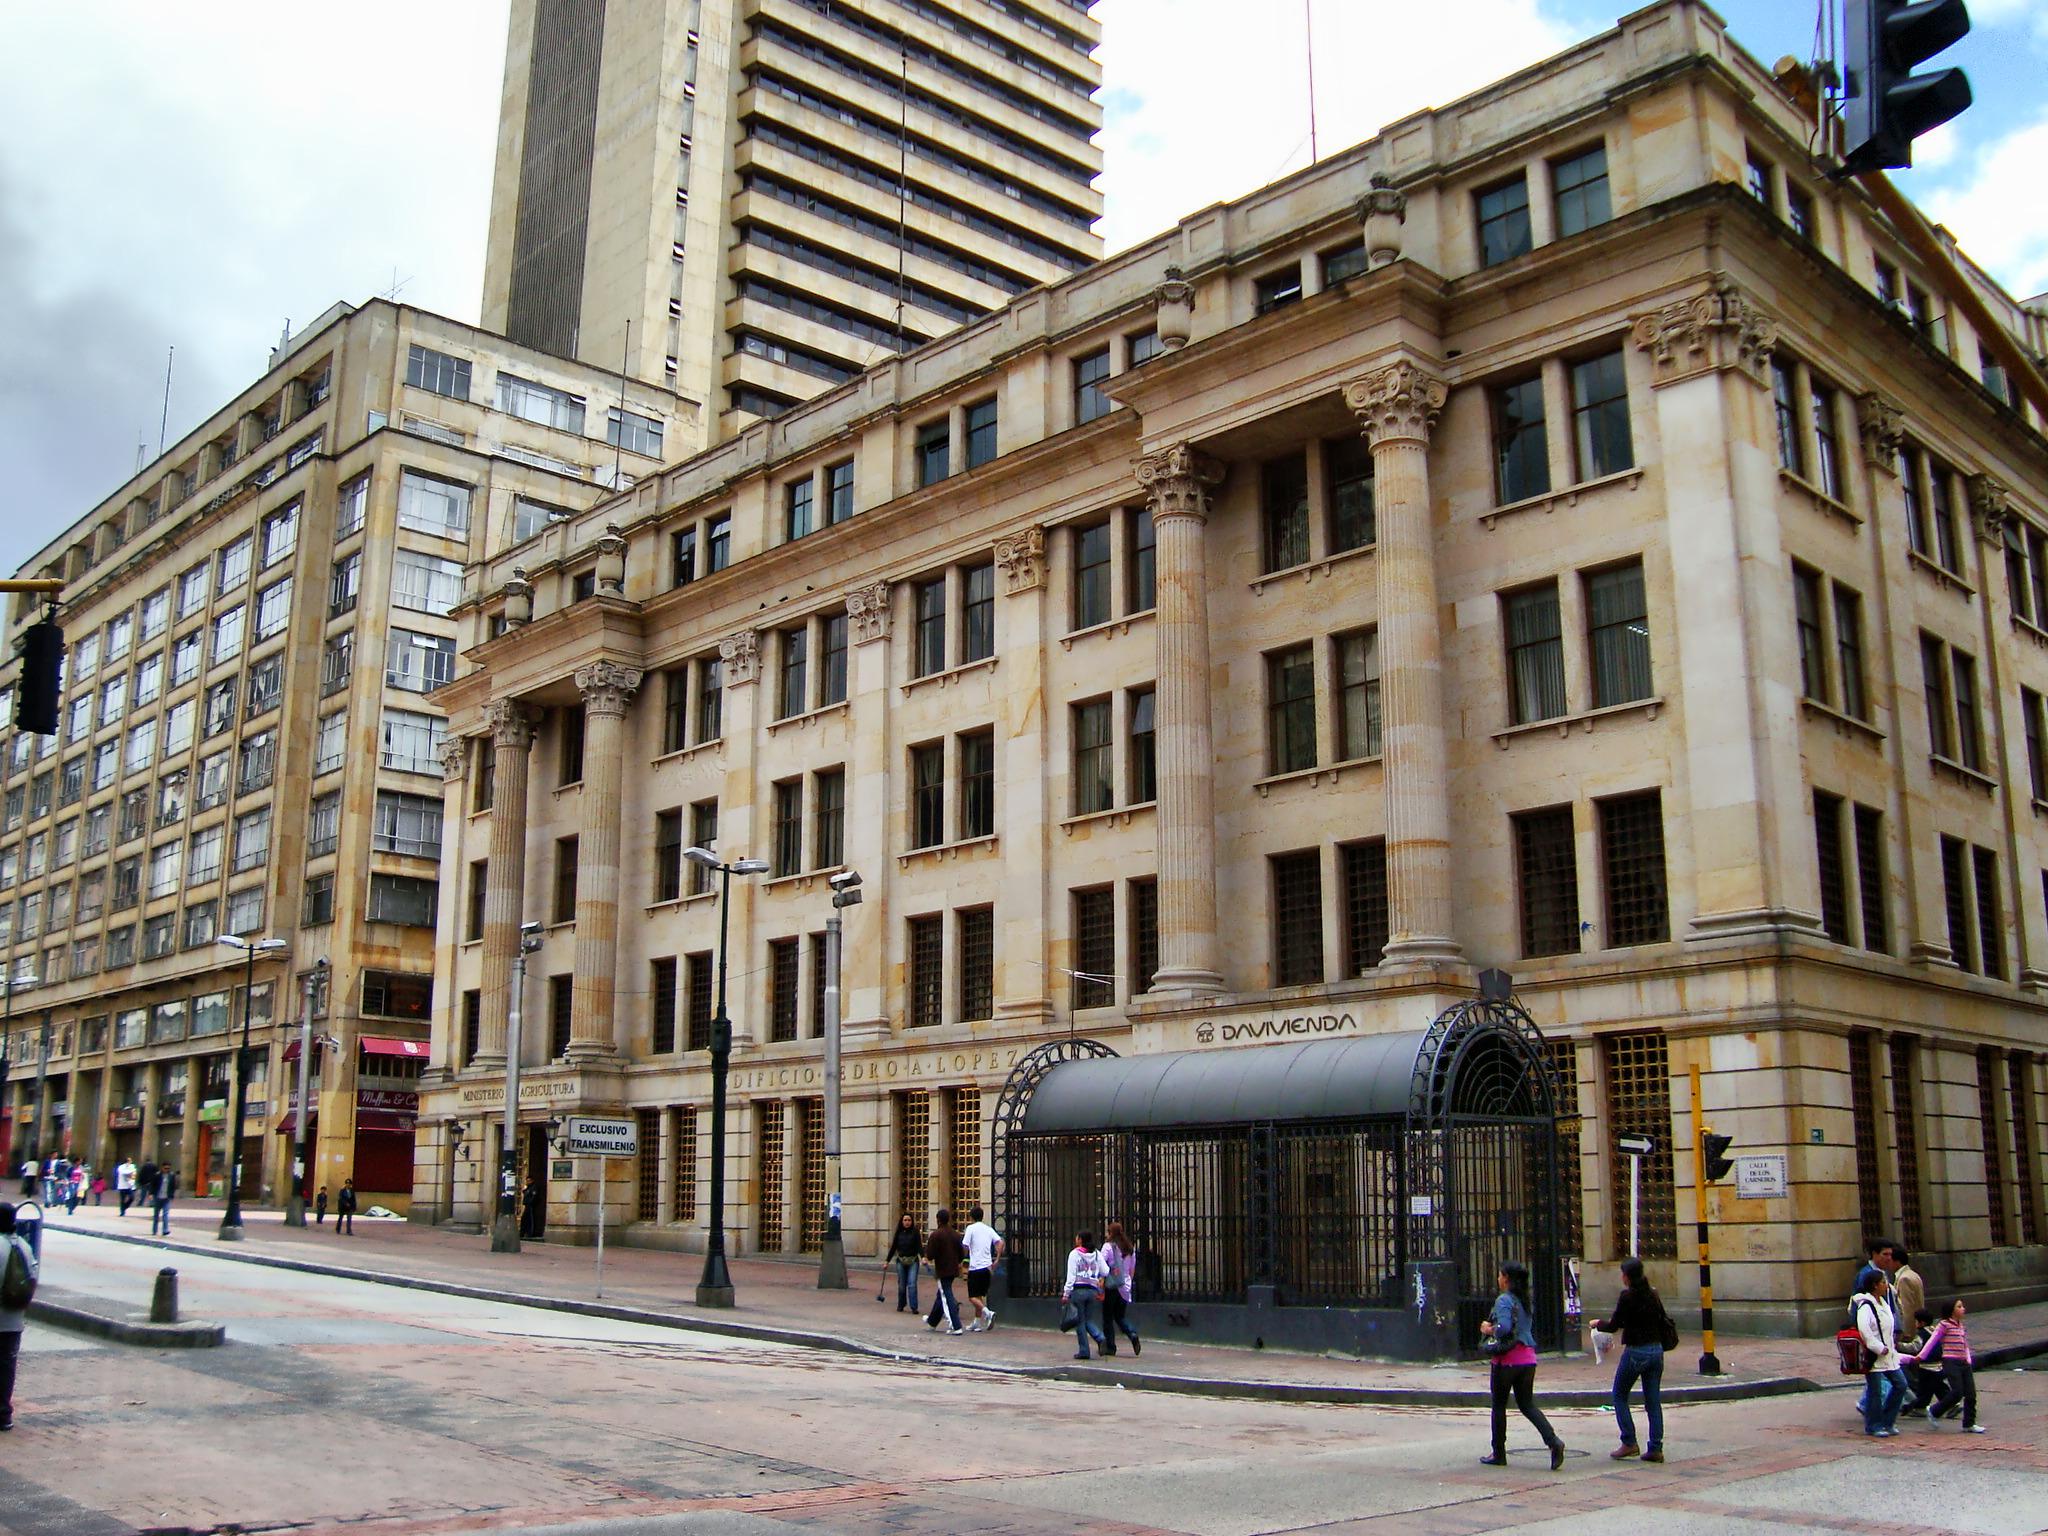 [[Edificio Pedro A. López